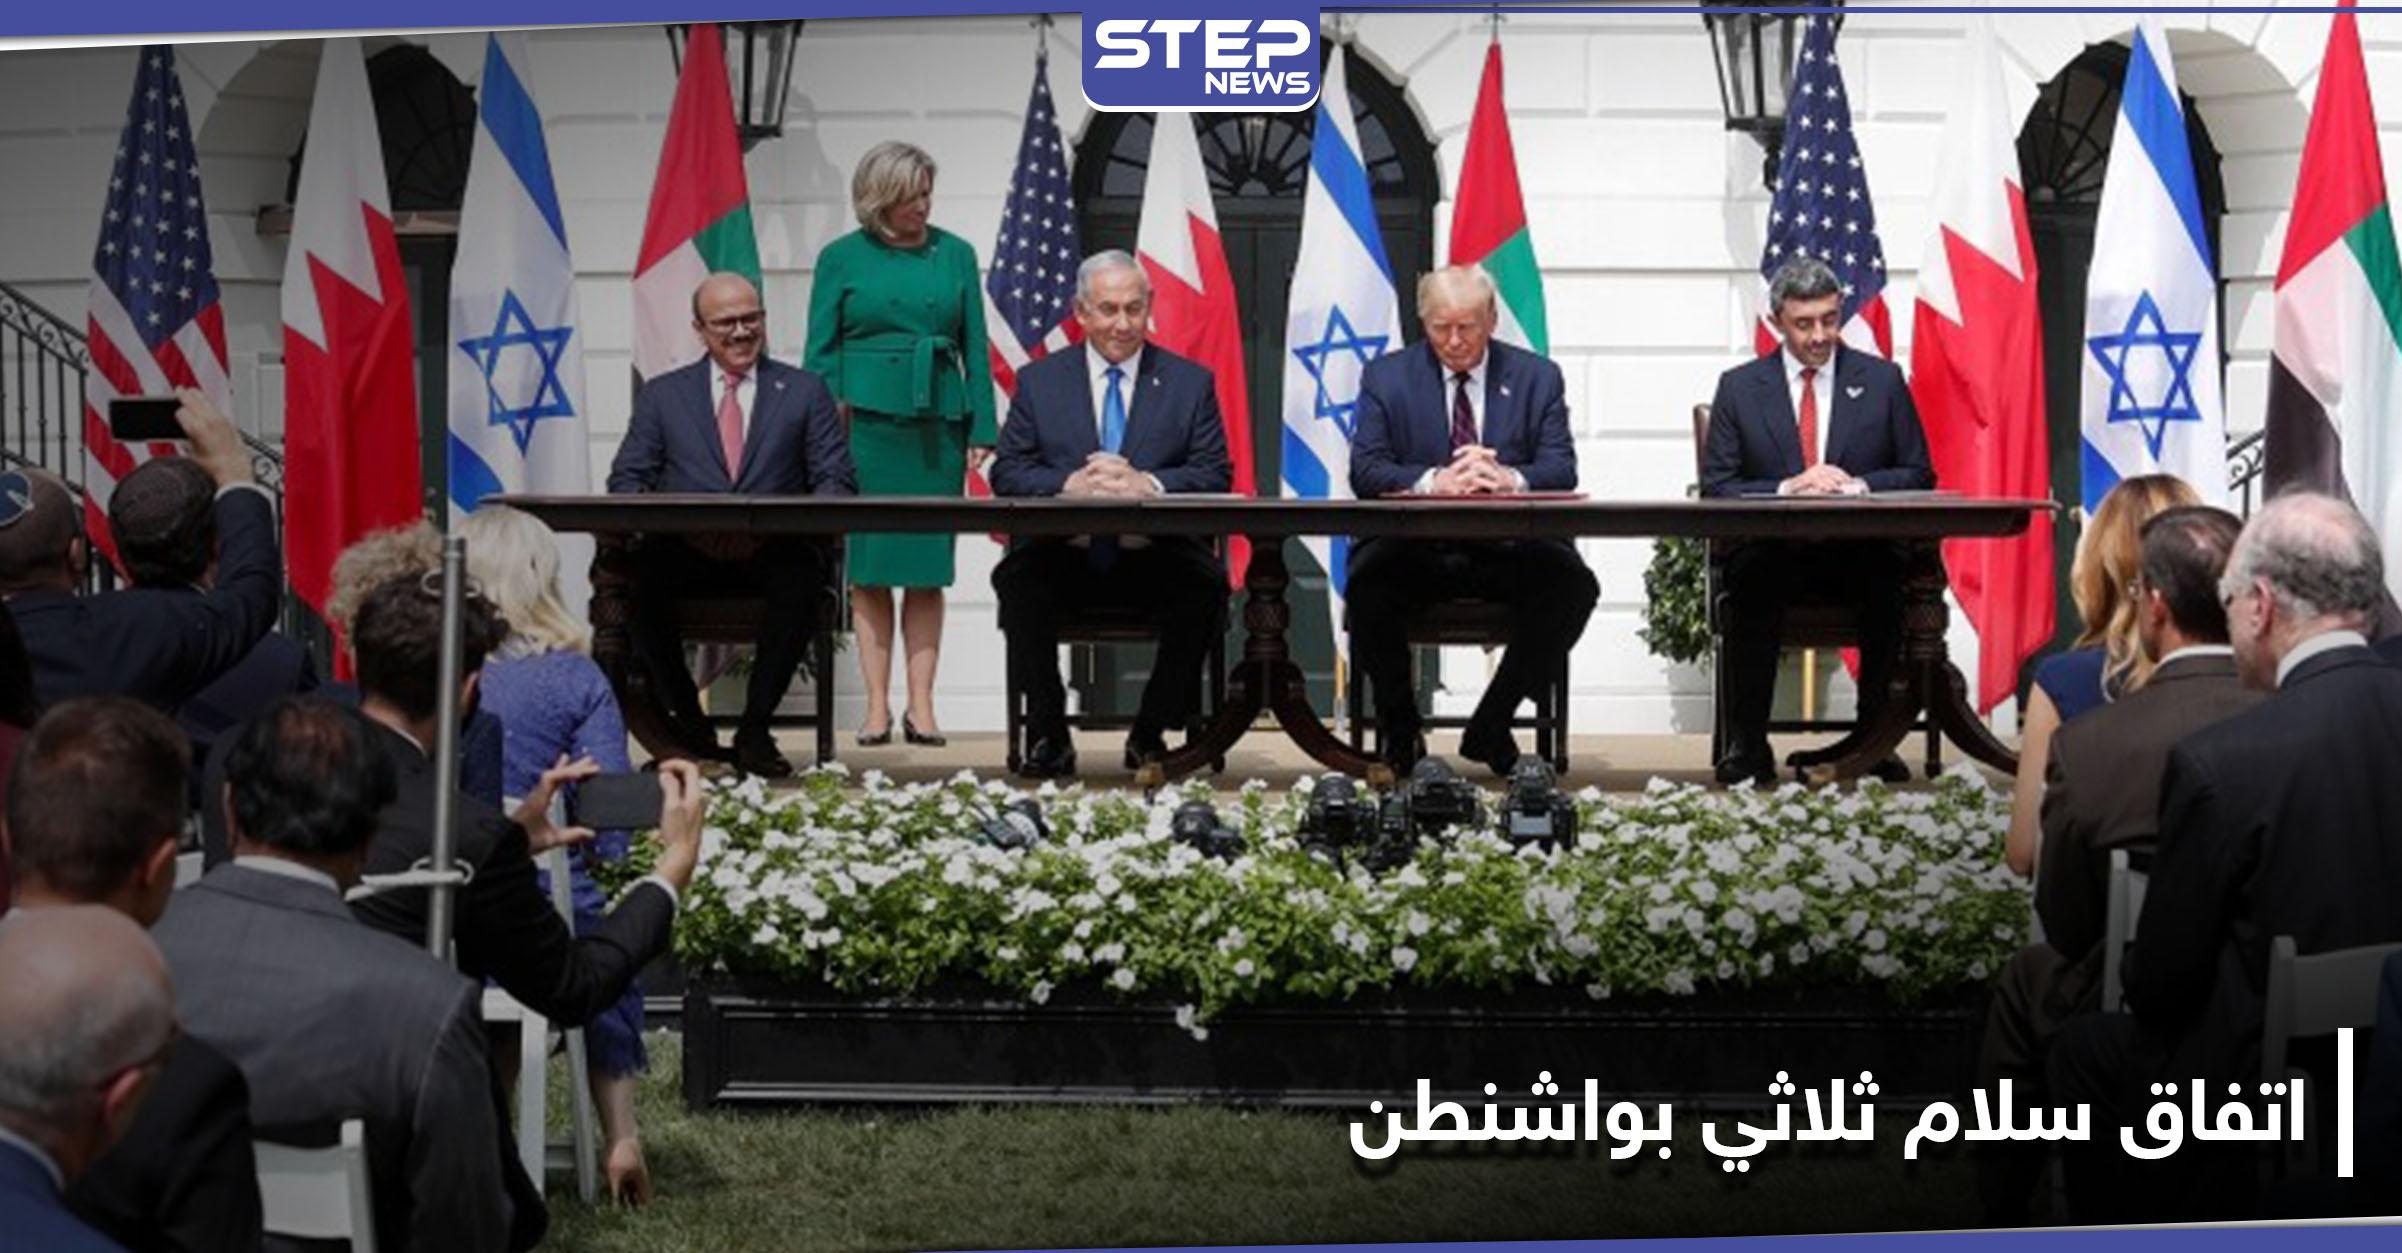 إسرائيل توقع اتفاق السلام مع الإمارات والبحرين برعاية ترامب